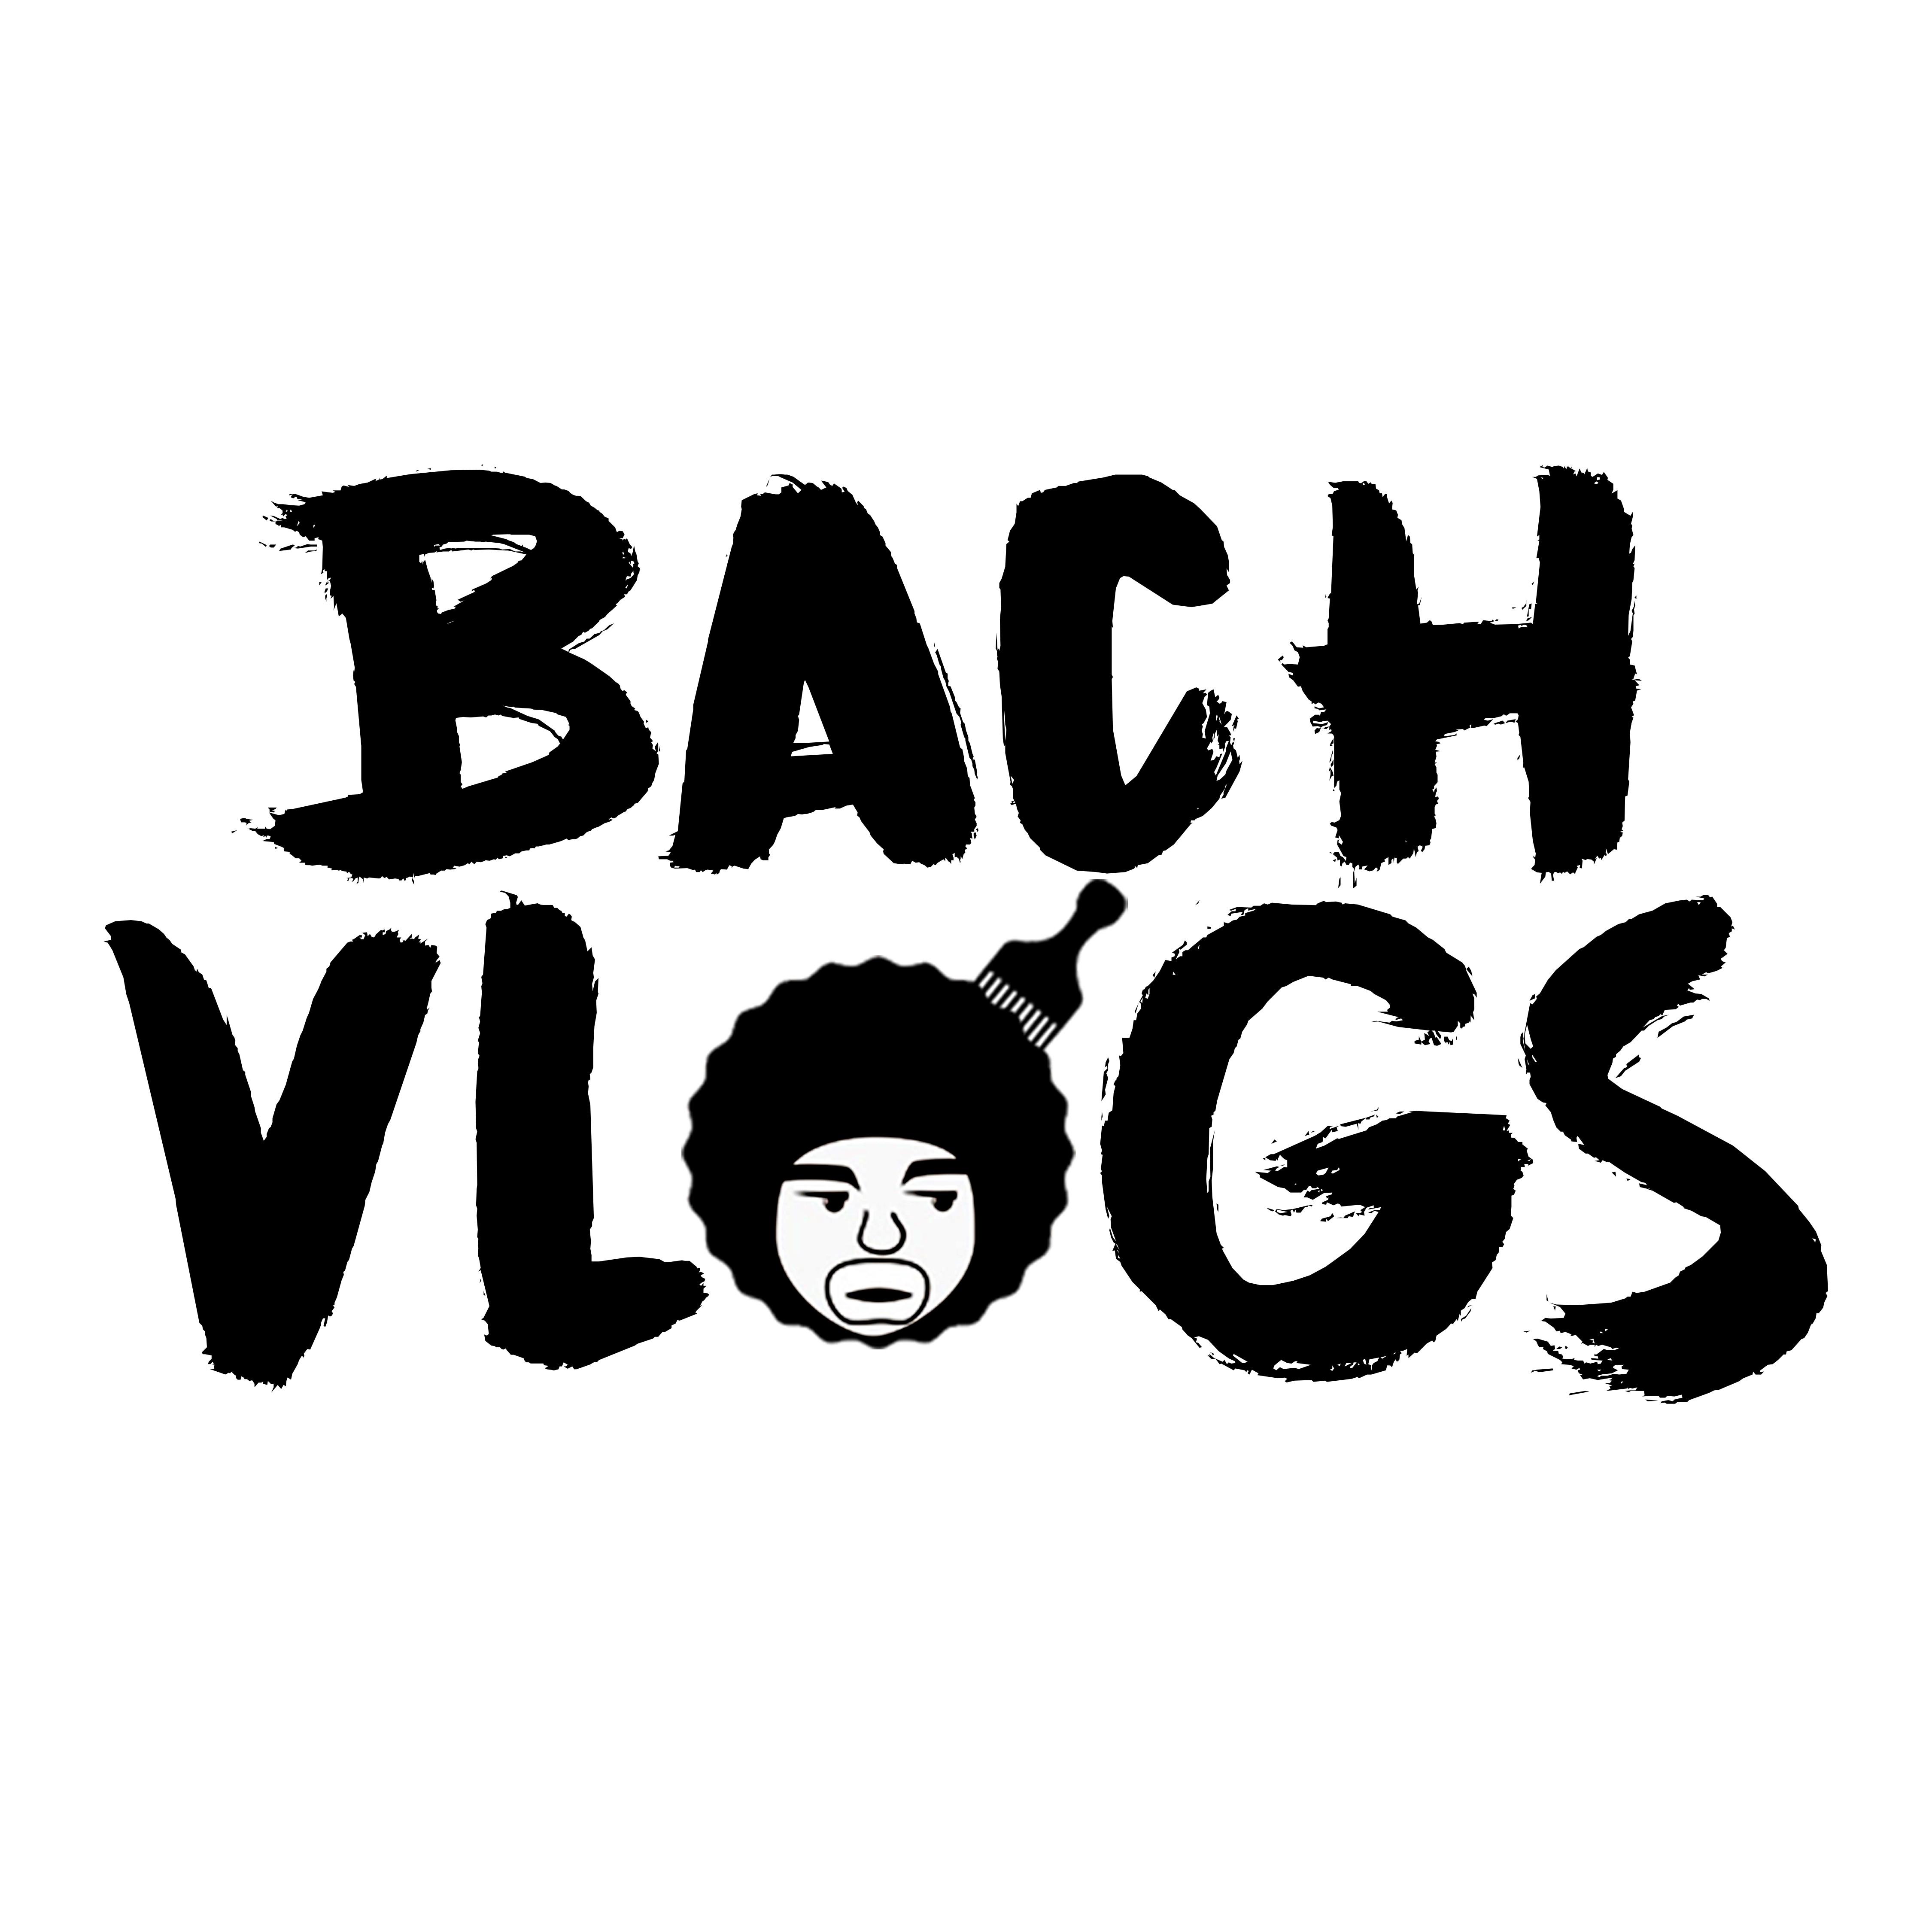 King Bach VLOGS